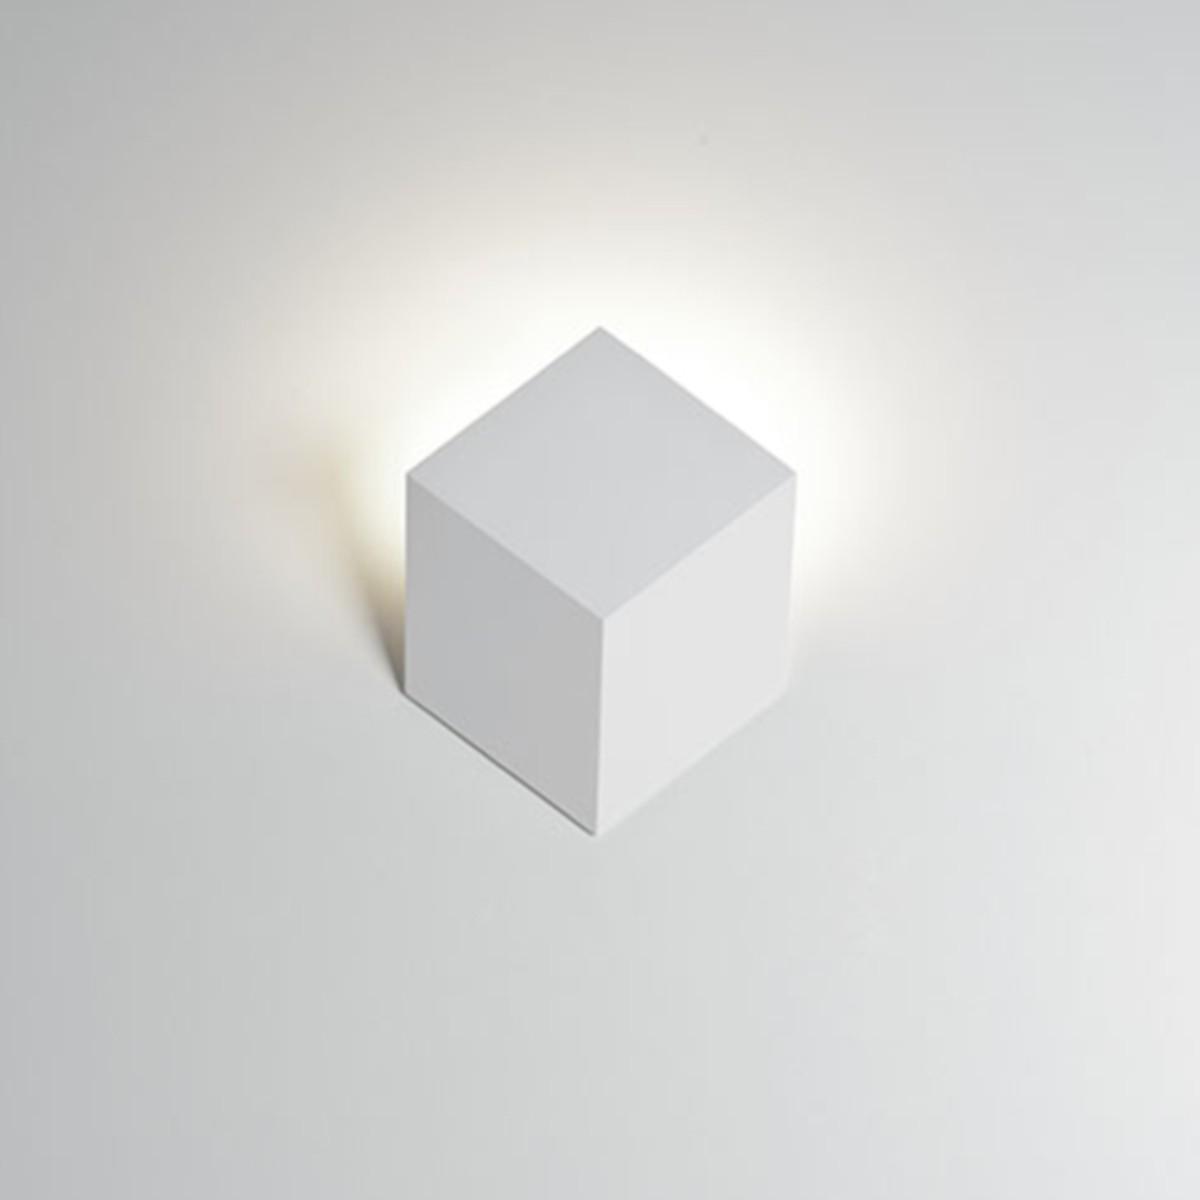 Rotaliana QB W0 LED Wandleuchte, weiß matt